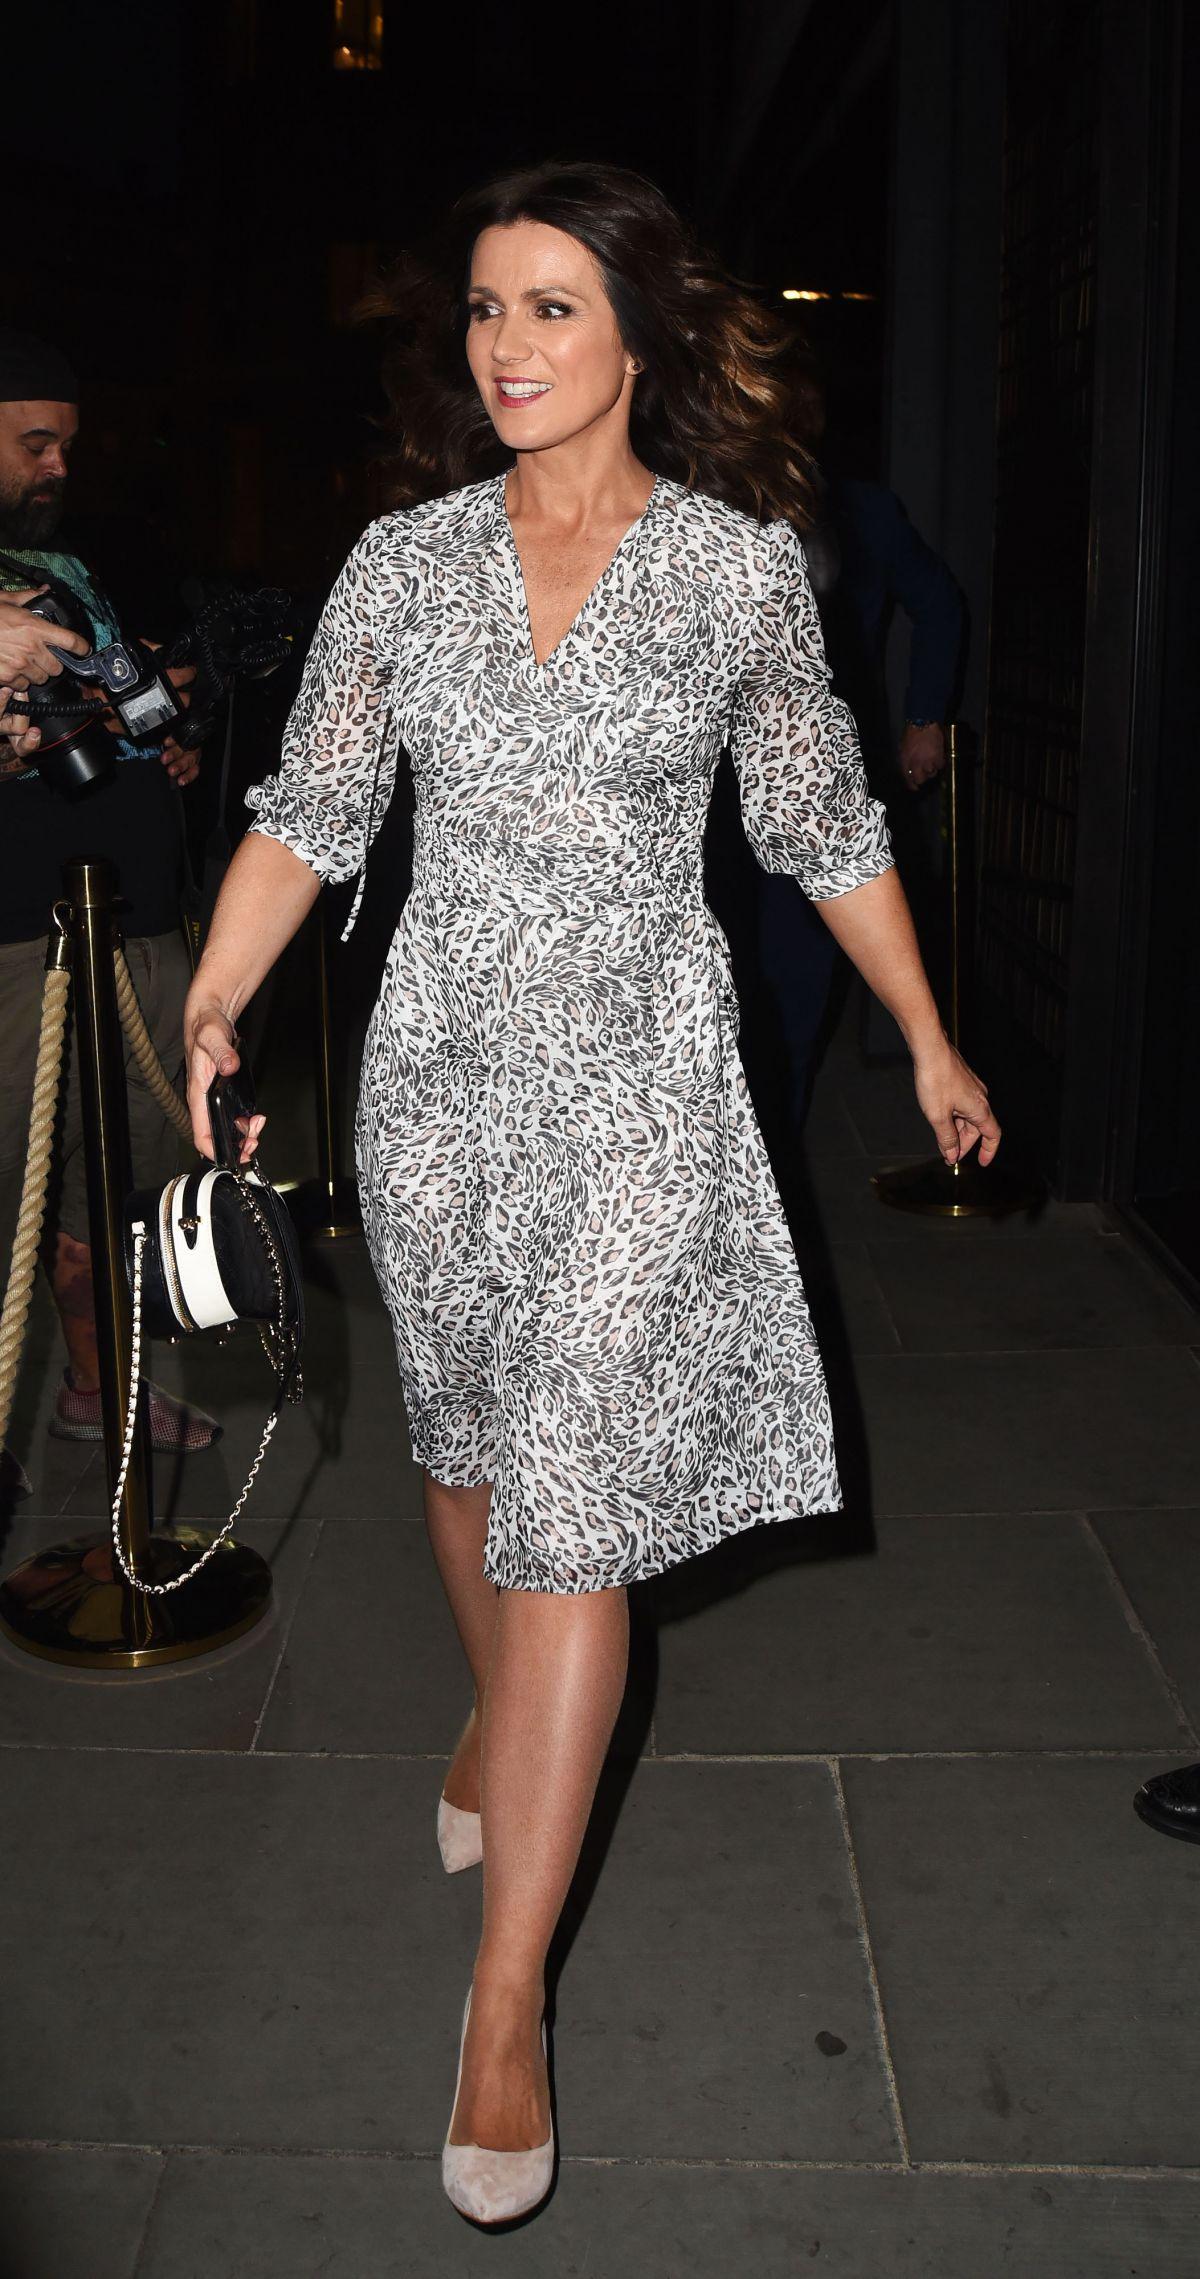 SUSANNA REID at ITV Summer Party 2019 in London 07172019